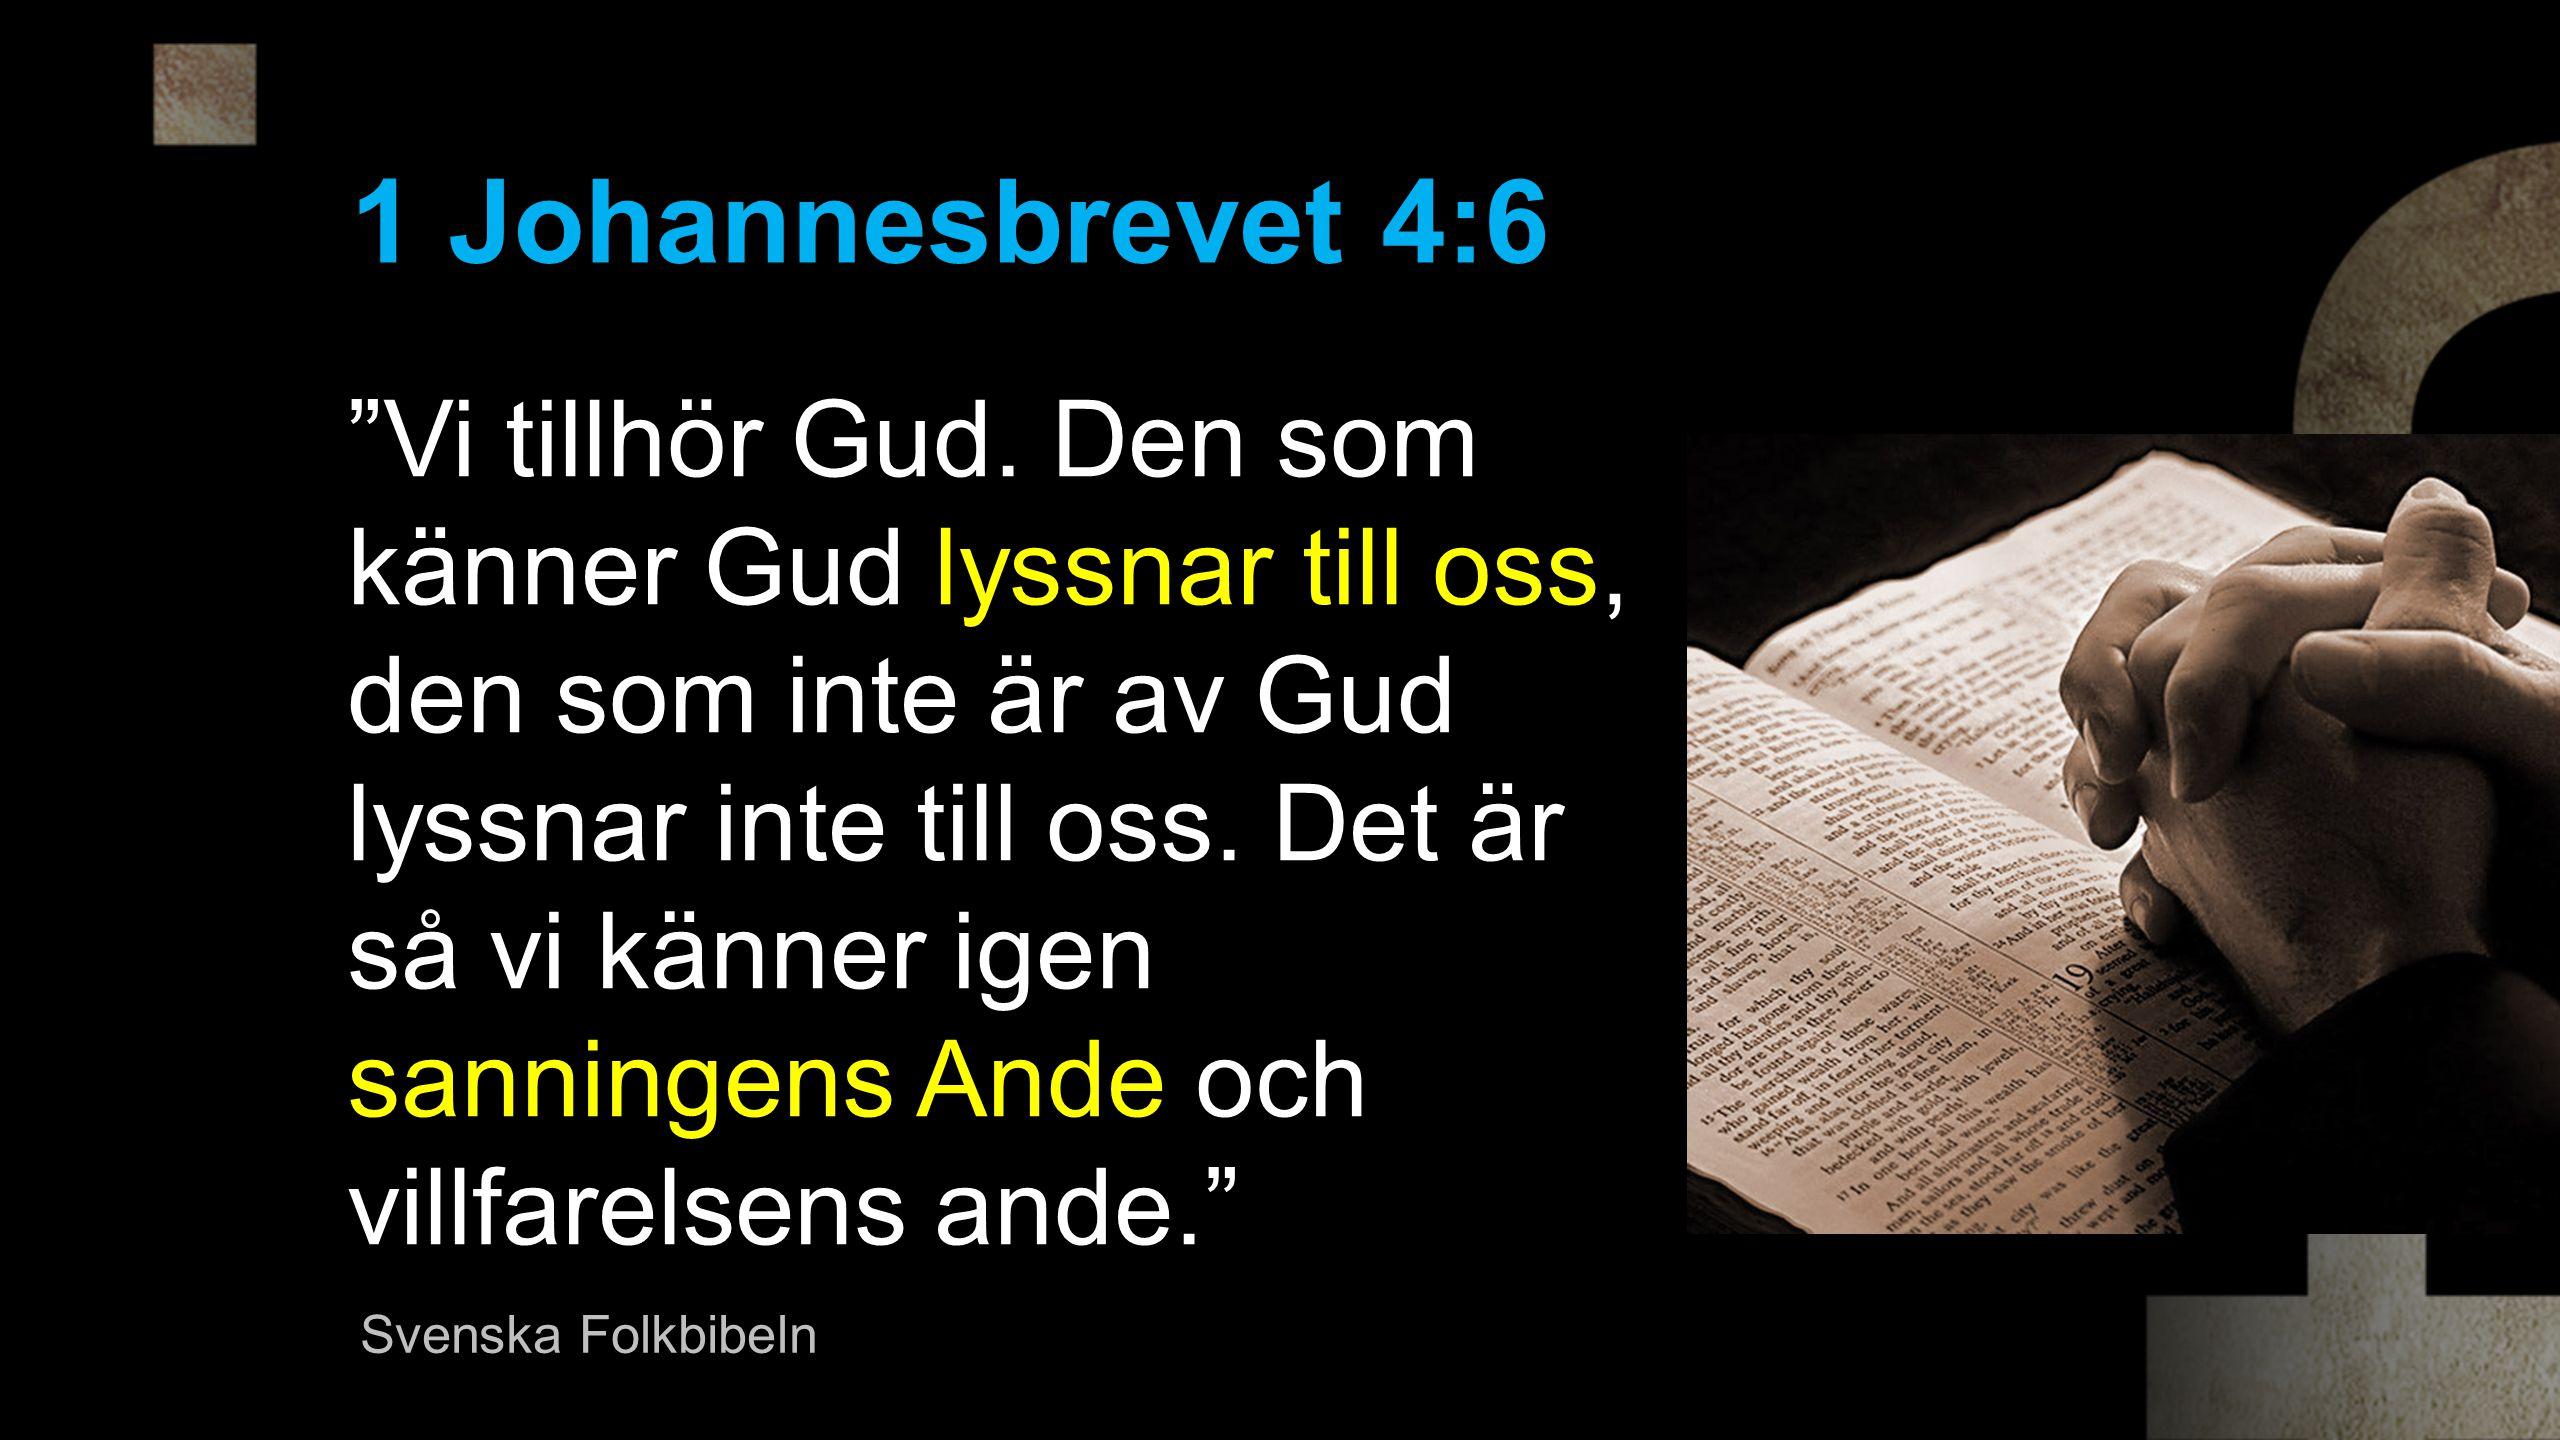 1 Johannesbrevet 4:6